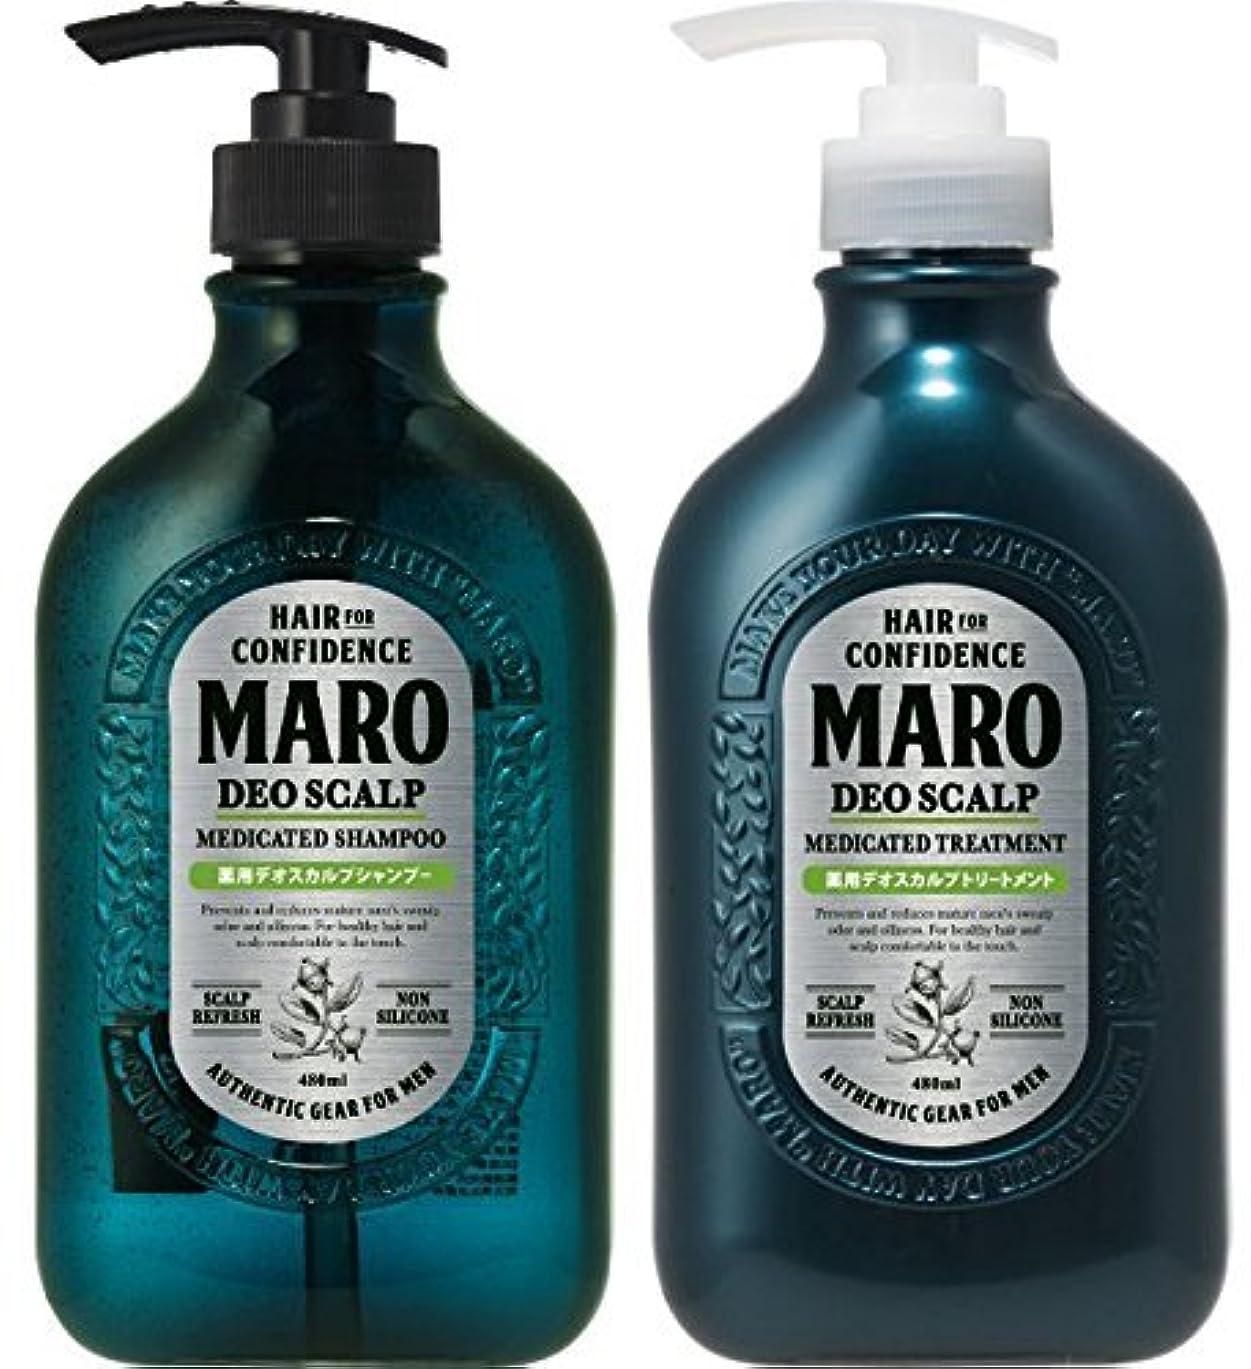 視線笑い検証【2本セット】MARO(マーロ) 薬用 デオスカルプ シャンプー 480ml トリートメント 480ml 本体セット